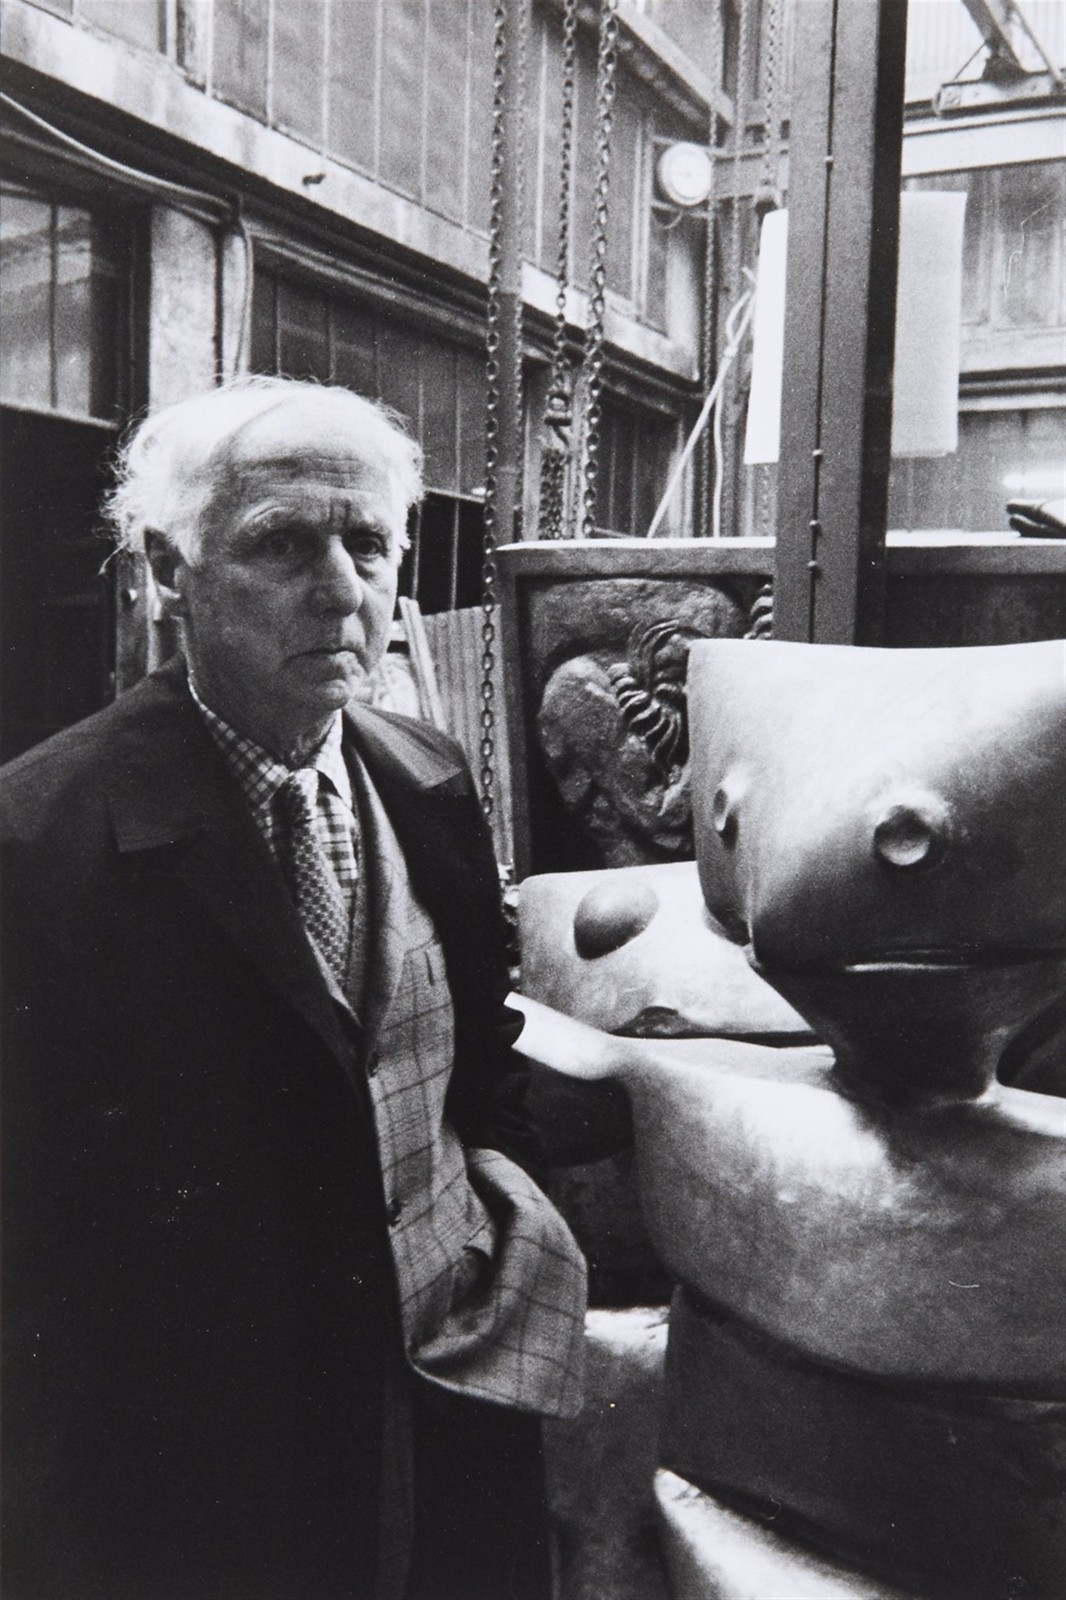 1968. Макс Эрнст (немецкий и французский художник, значимая фигура в мировом авангарде XX века), Париж